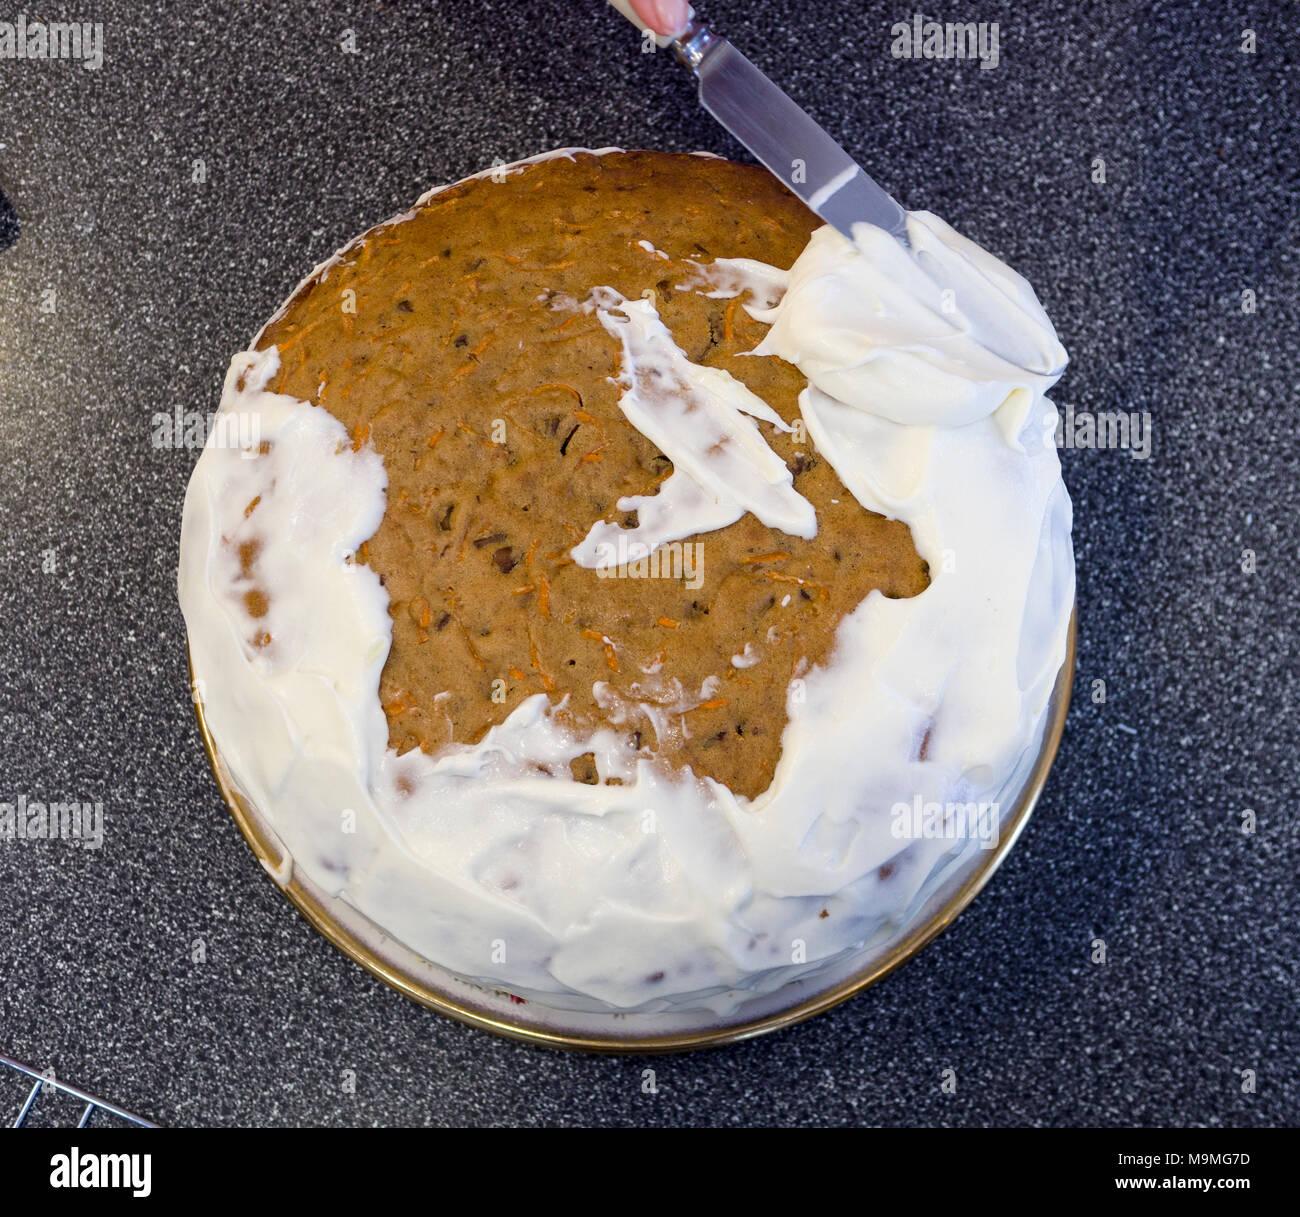 Glaçage et décoration d'un gâteau de carotte : étaler le glaçage blanc avec un couteau les premières étapes. Banque D'Images